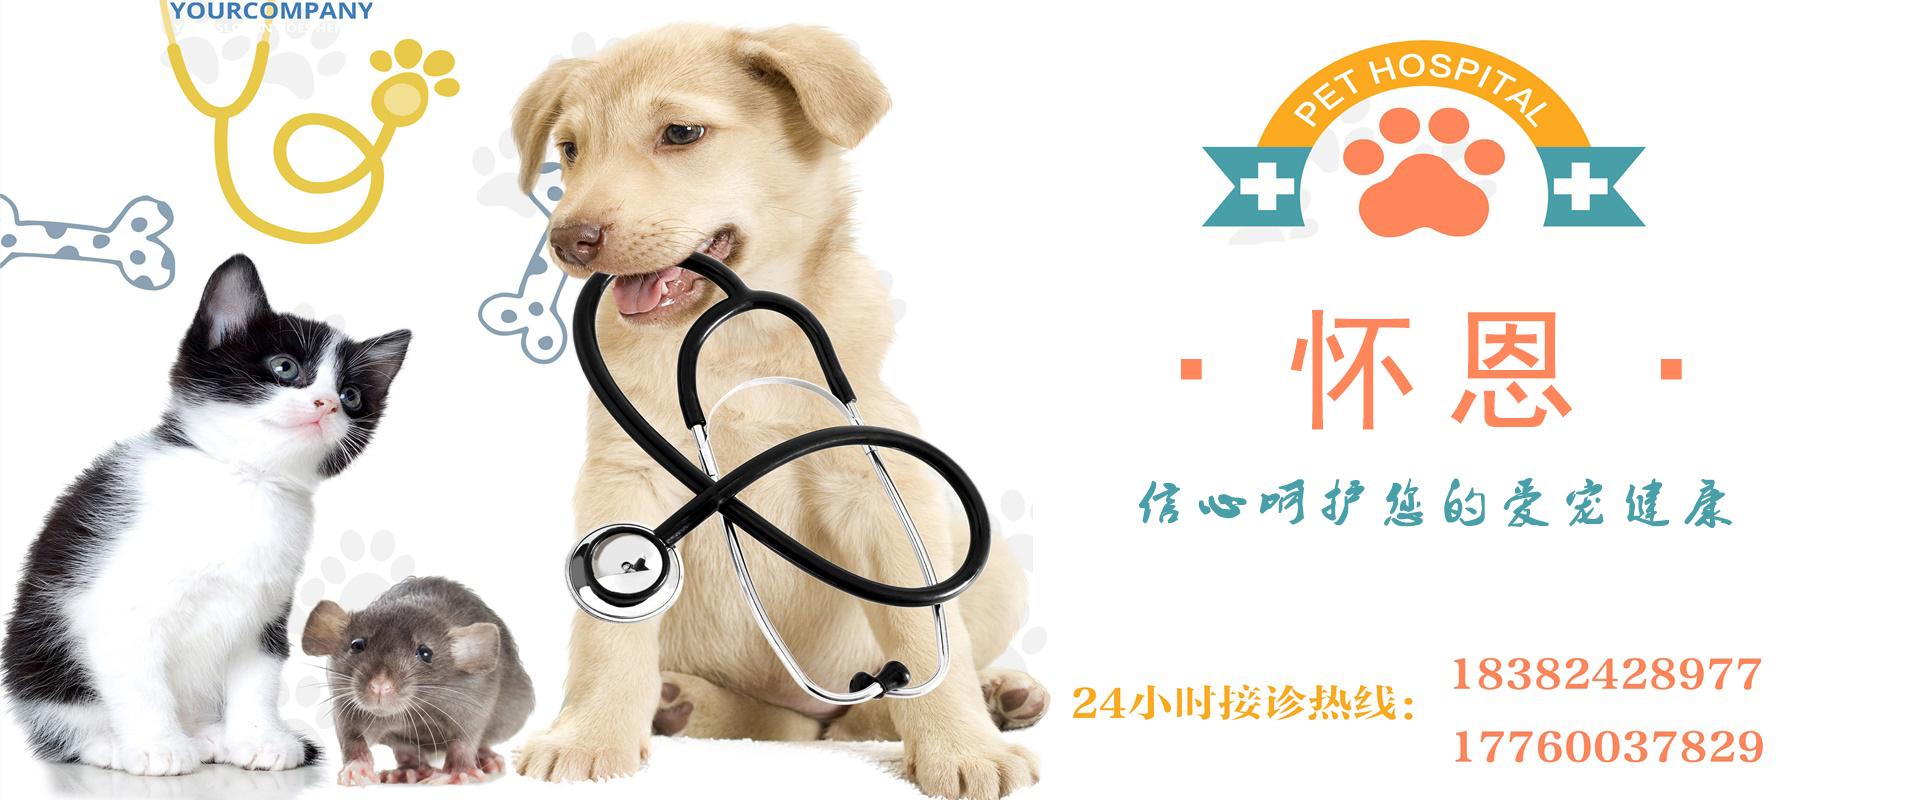 眉山宠物医院(怀恩动物医院)24小时接诊!